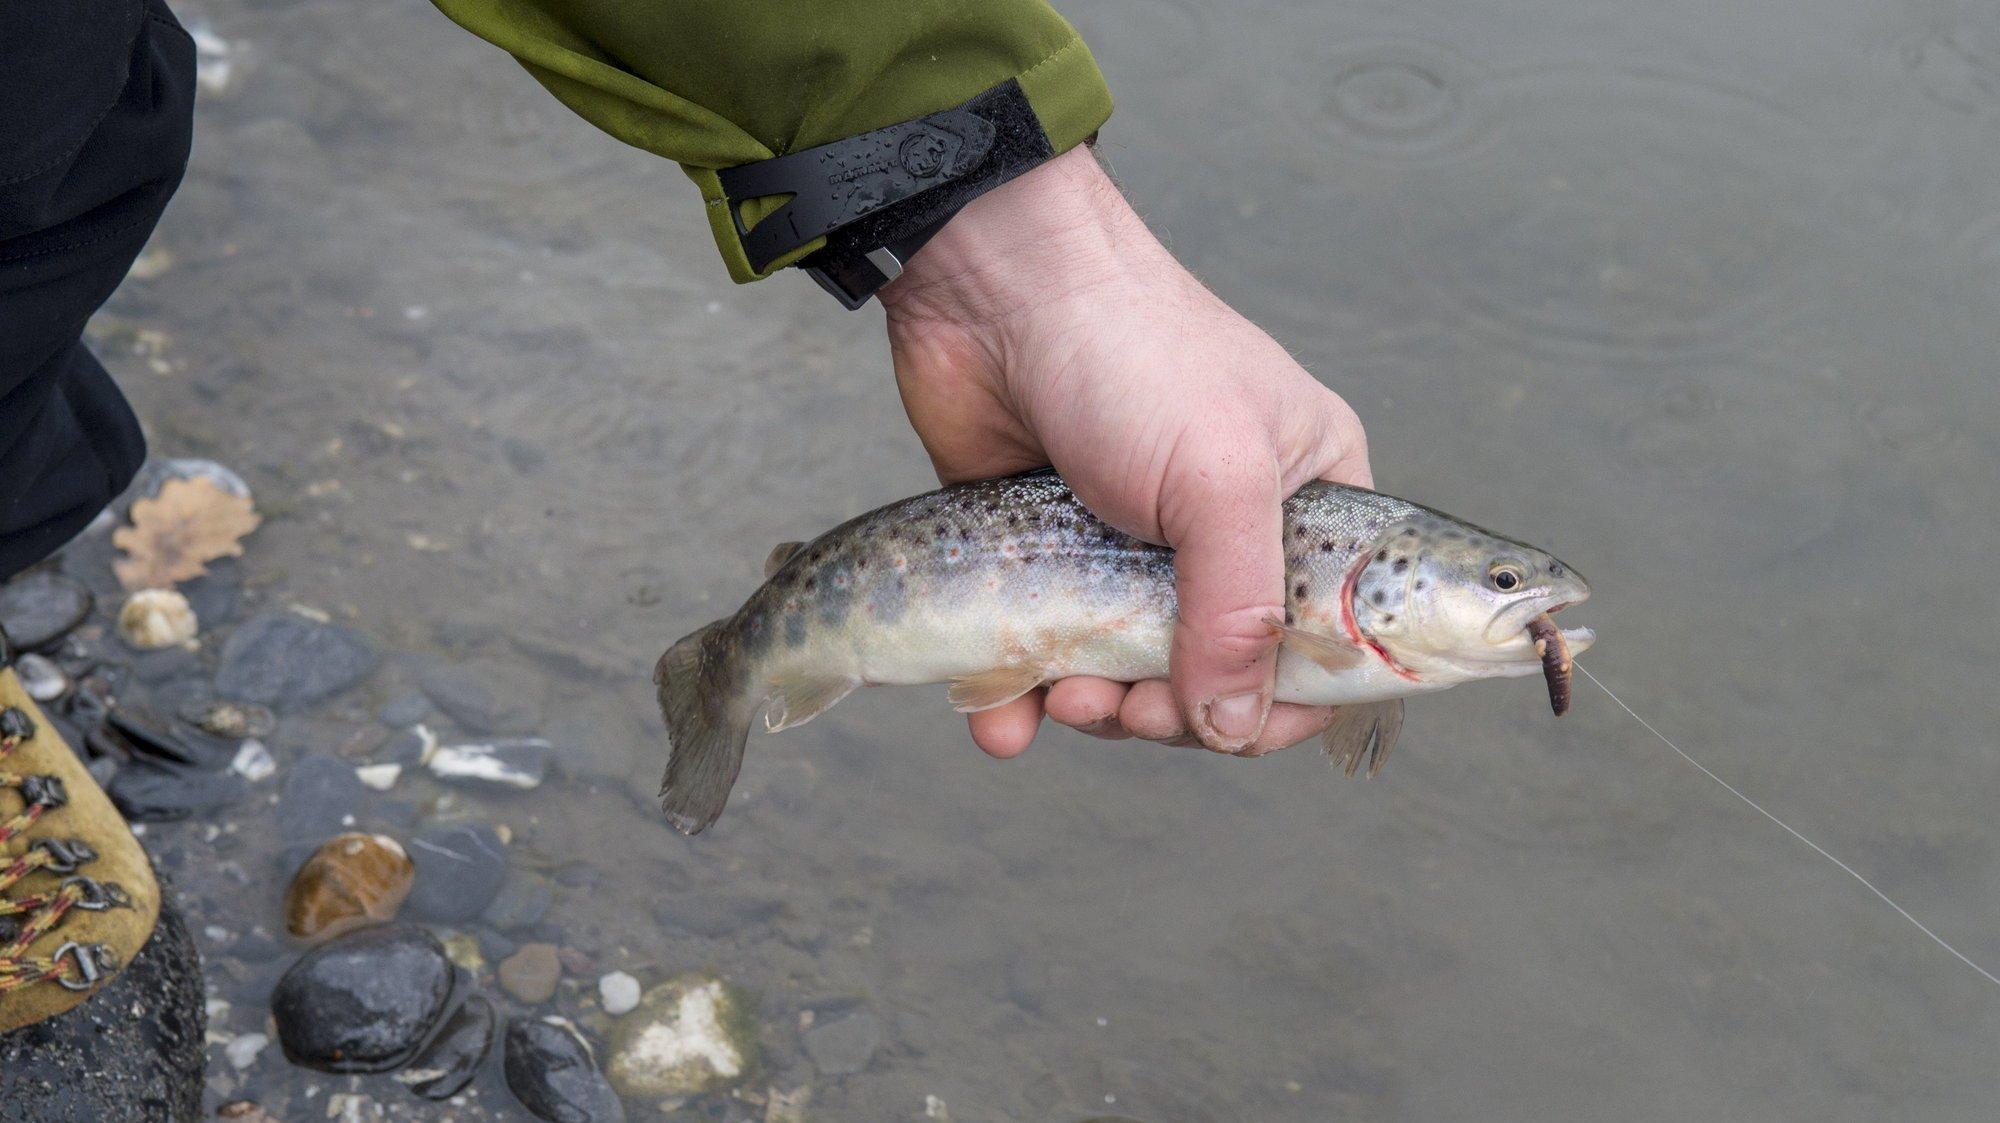 Le travail porte sur des poissons sauvages des cours d'eau des cantons de Neuchâtel, Vaud et Jura, ainsi que du lac de Neuchâtel.